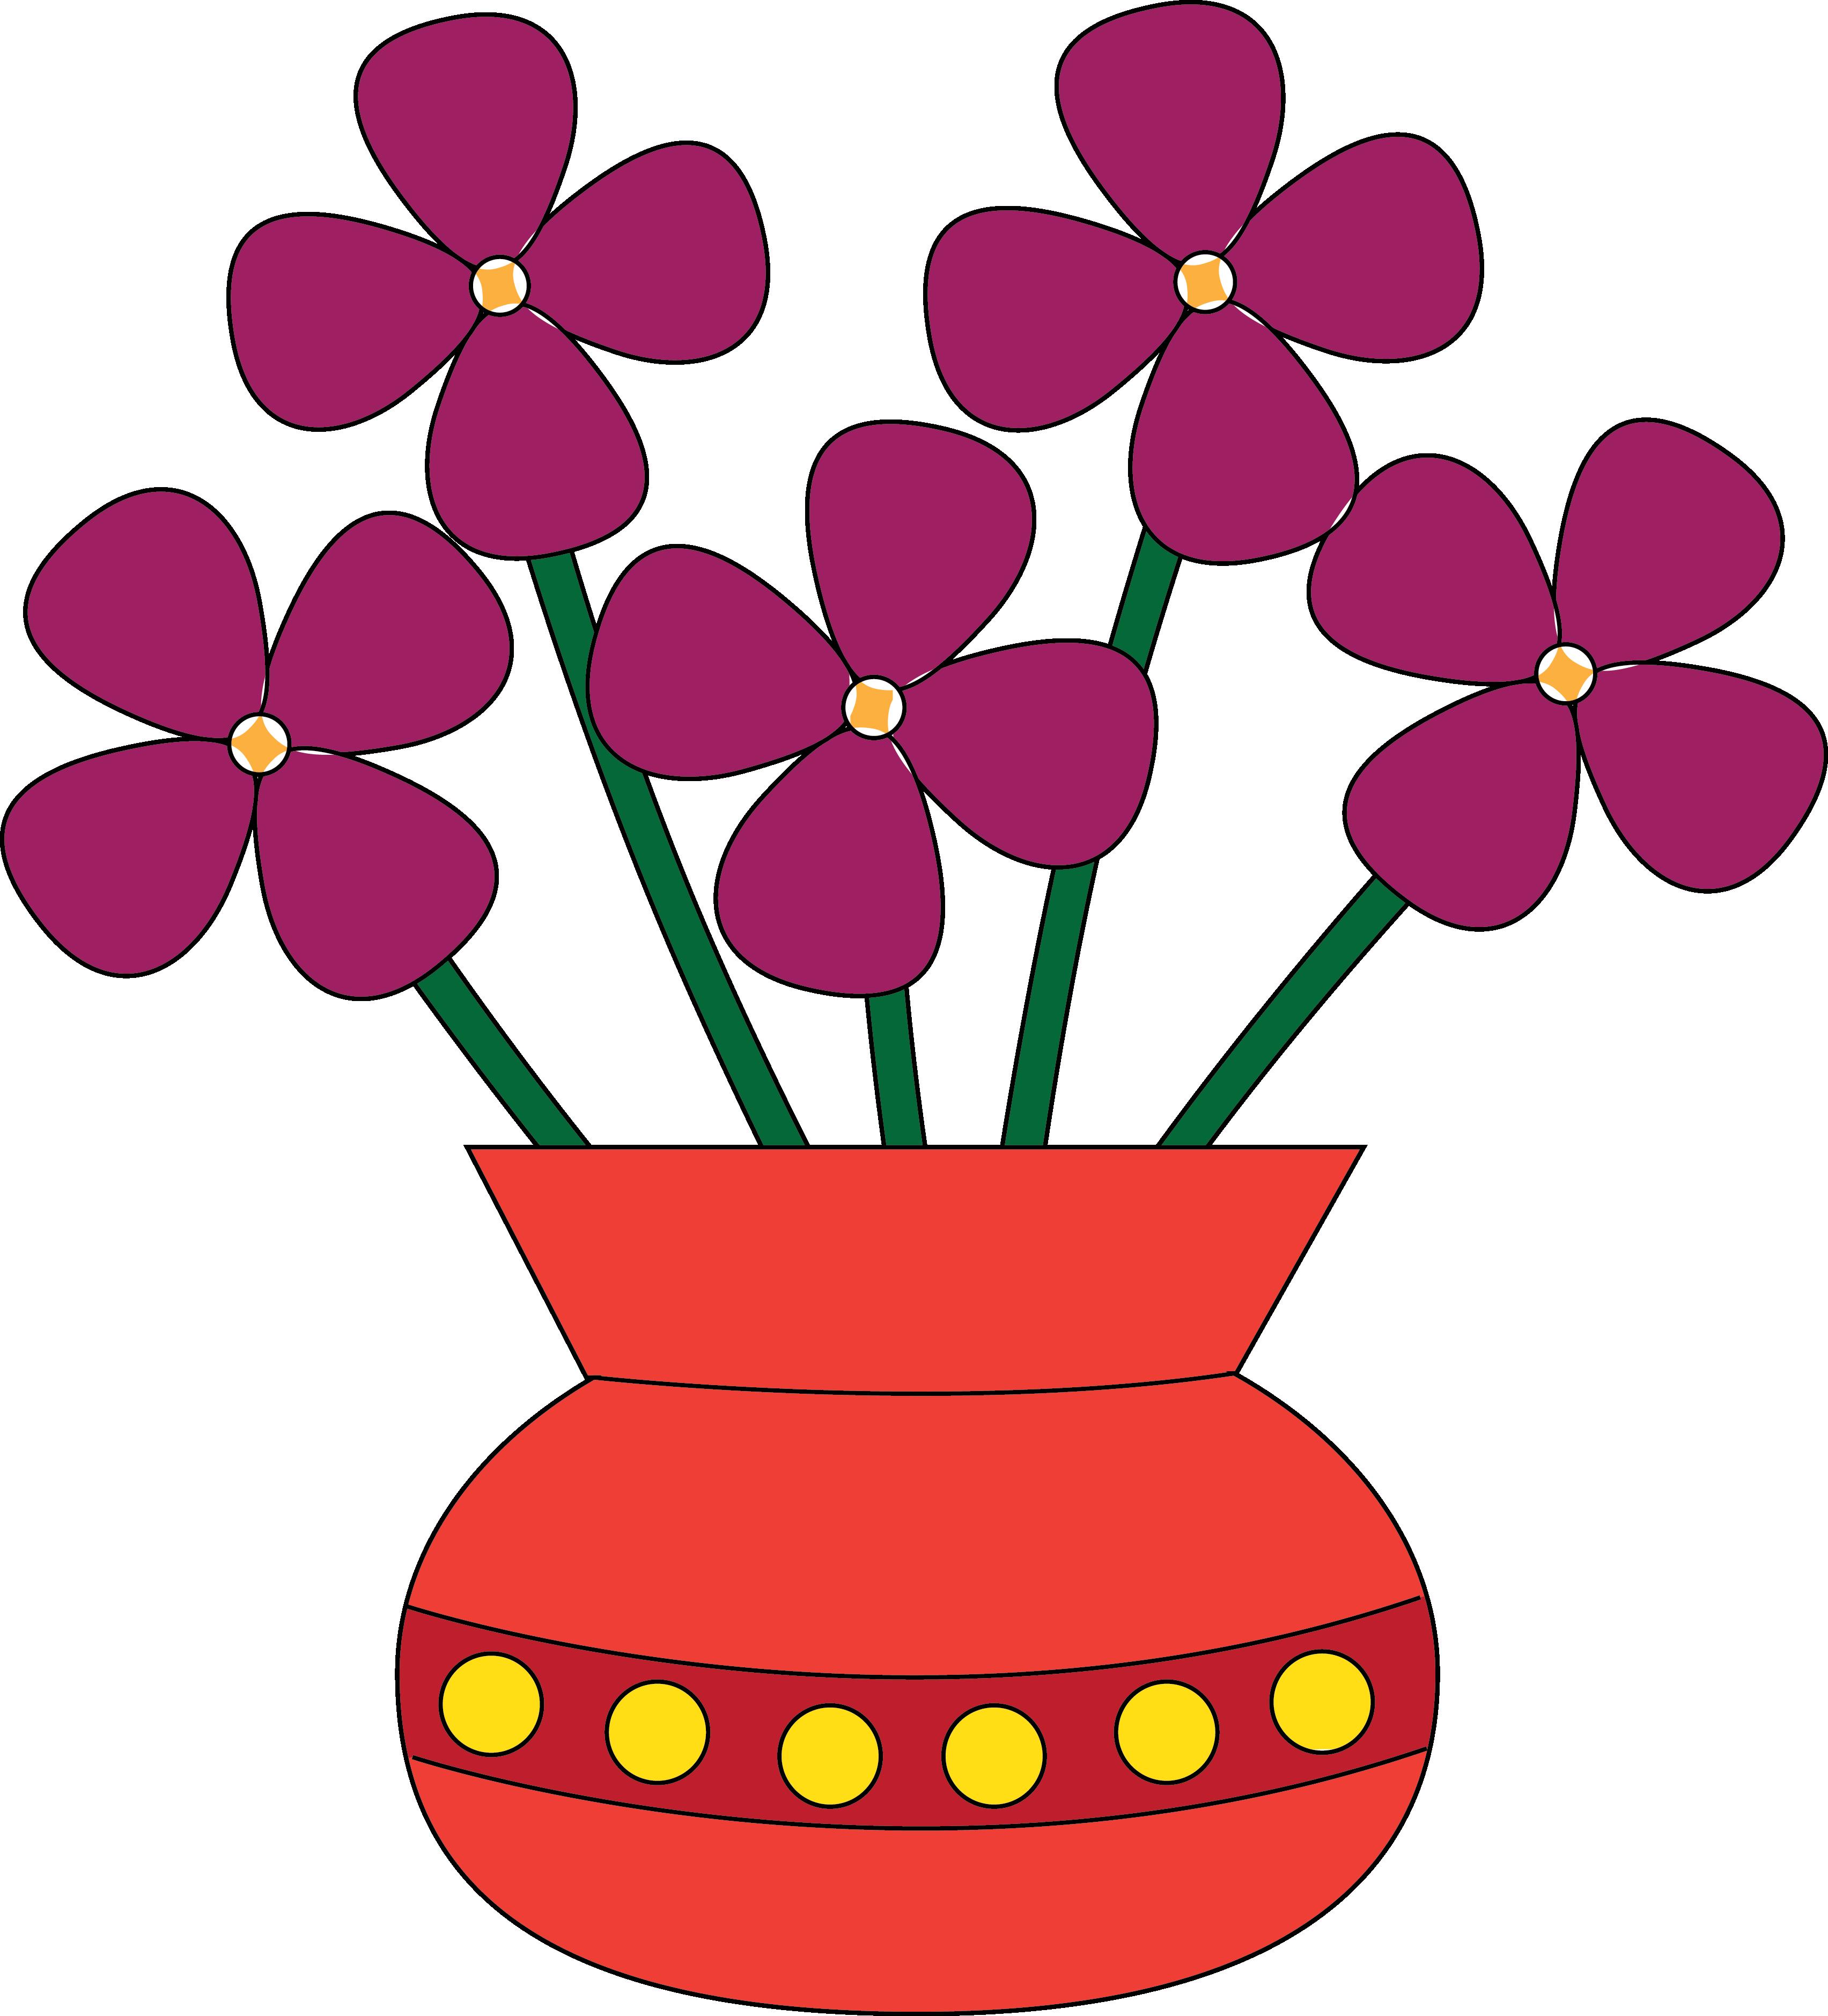 3408x3758 Colored Flower Vase Clip Art Clipart Panda  sc 1 st  Clip Art Mag & Flower Vase Clipart   Free download best Flower Vase Clipart on ...